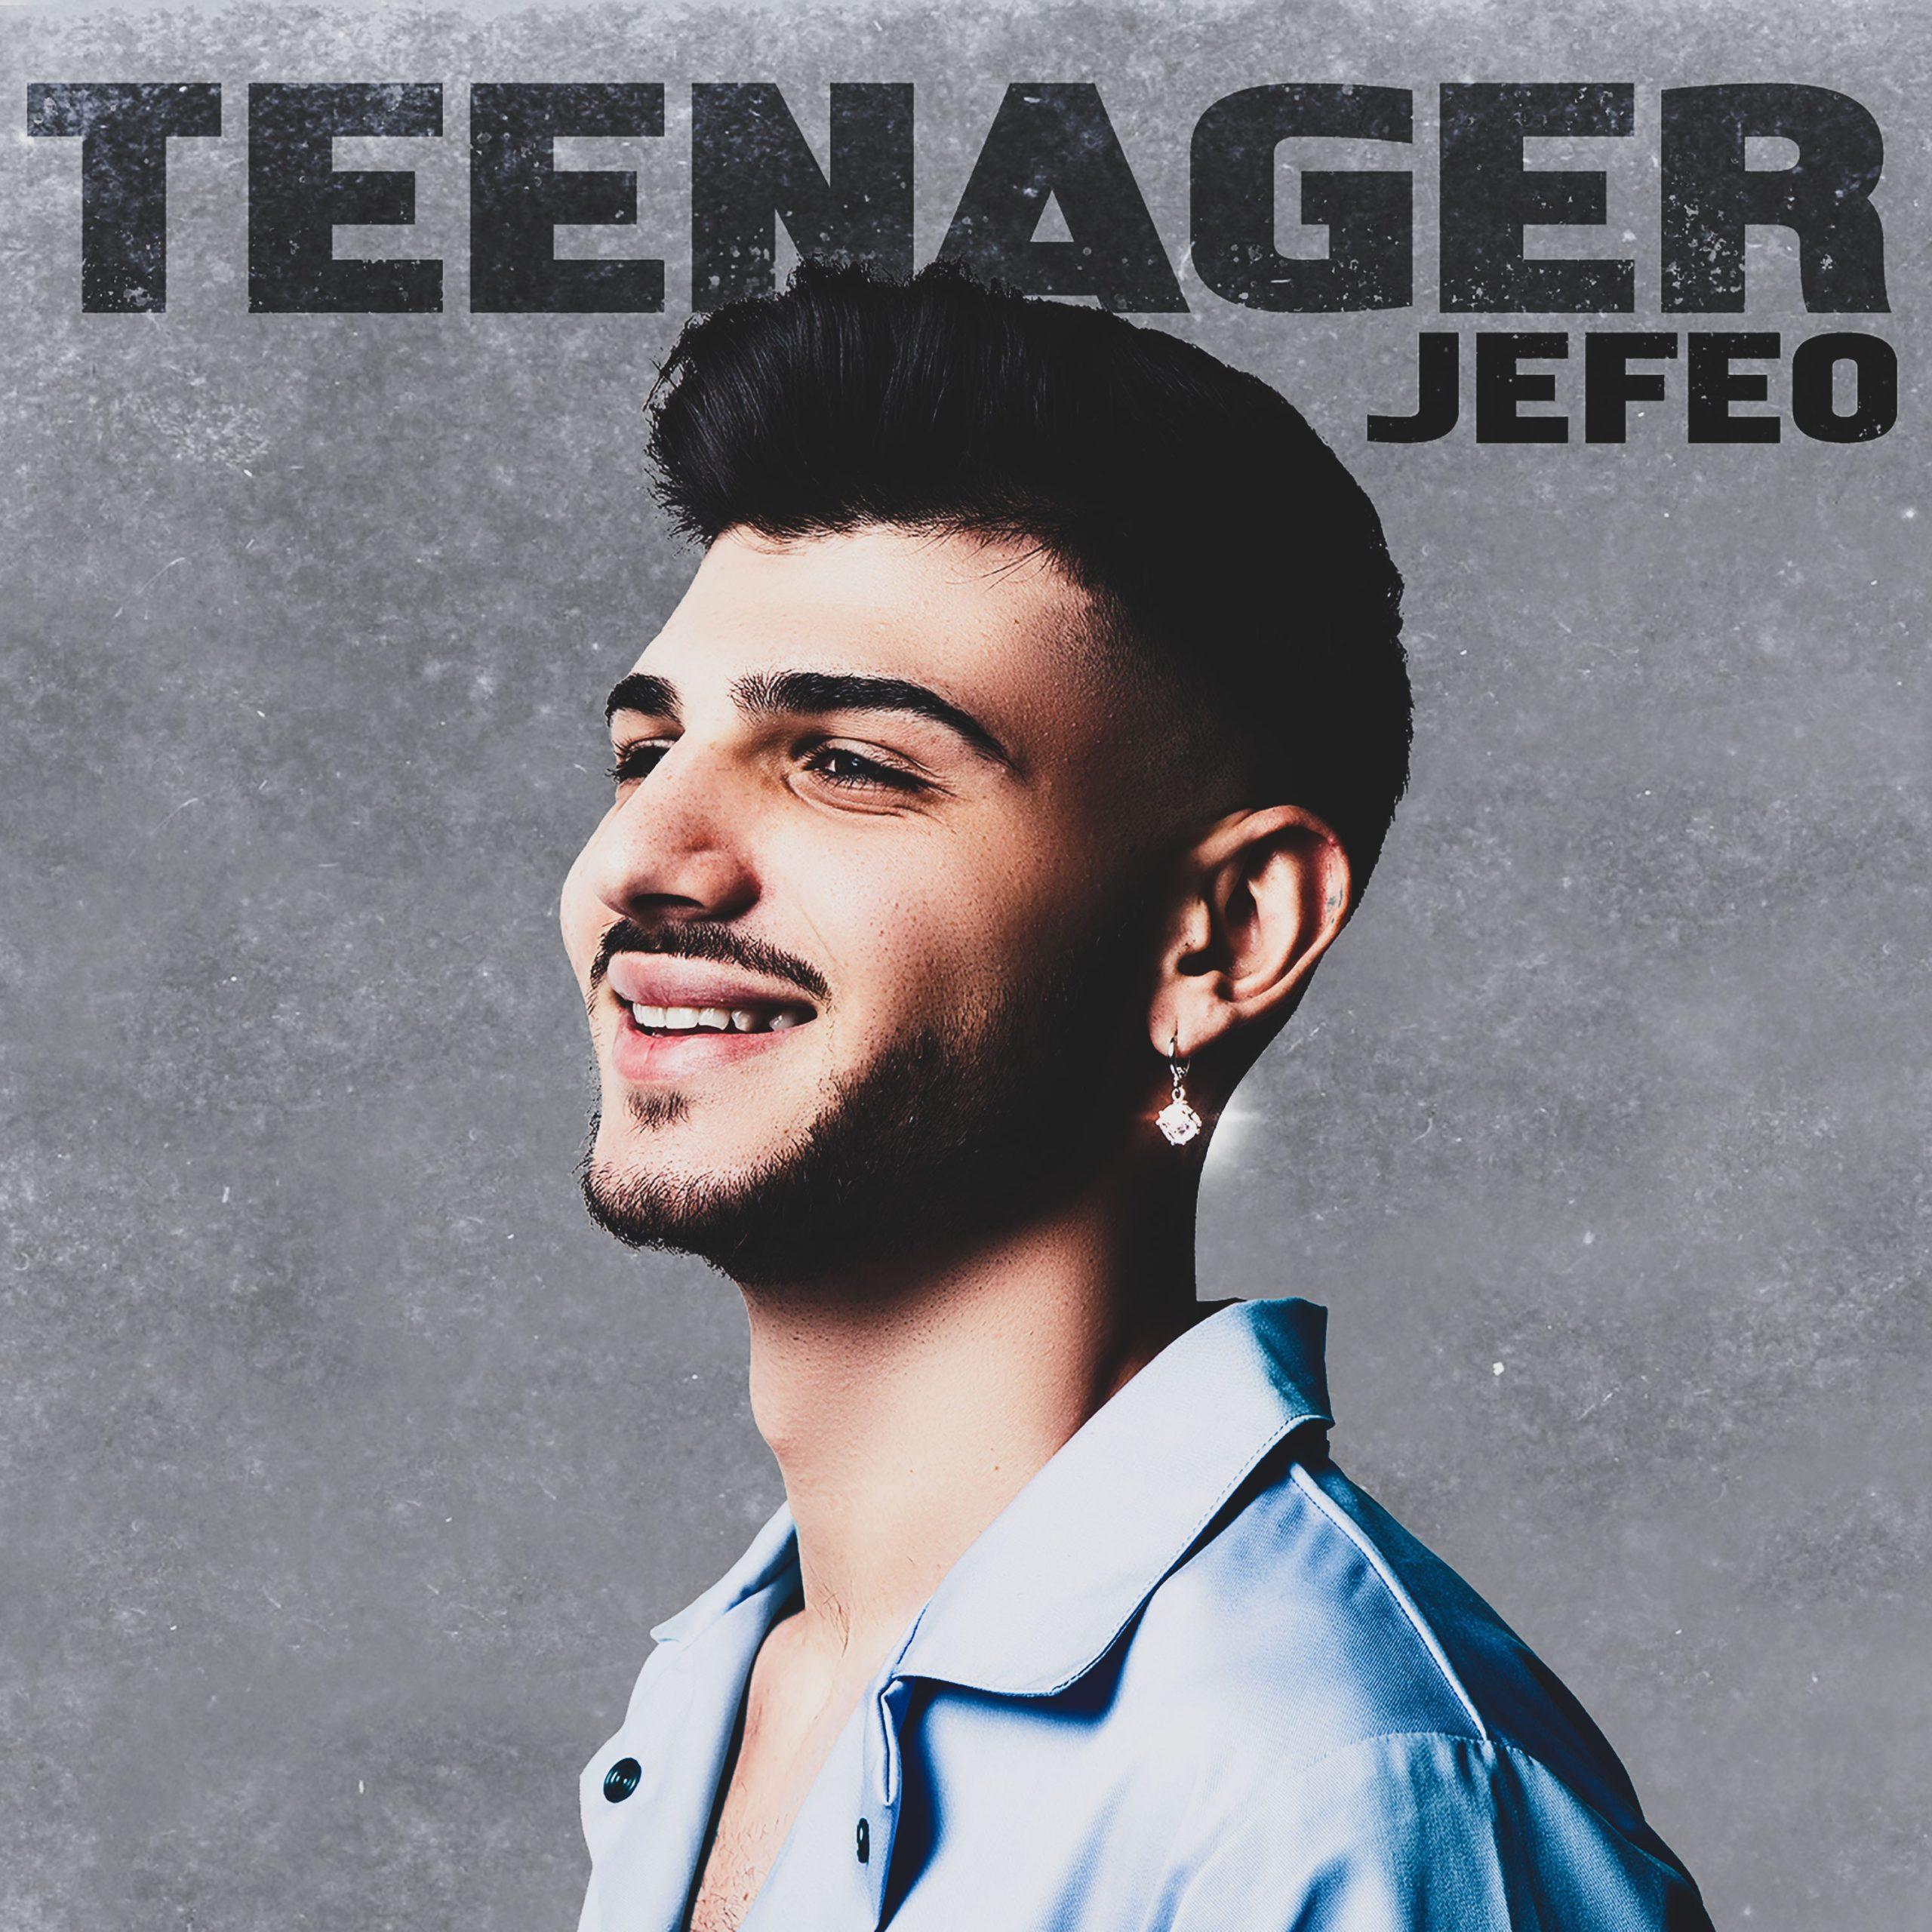 """Musica Italiana, Recensioni. Jefeo: """"Teenager"""", il derivativo del derivativo"""